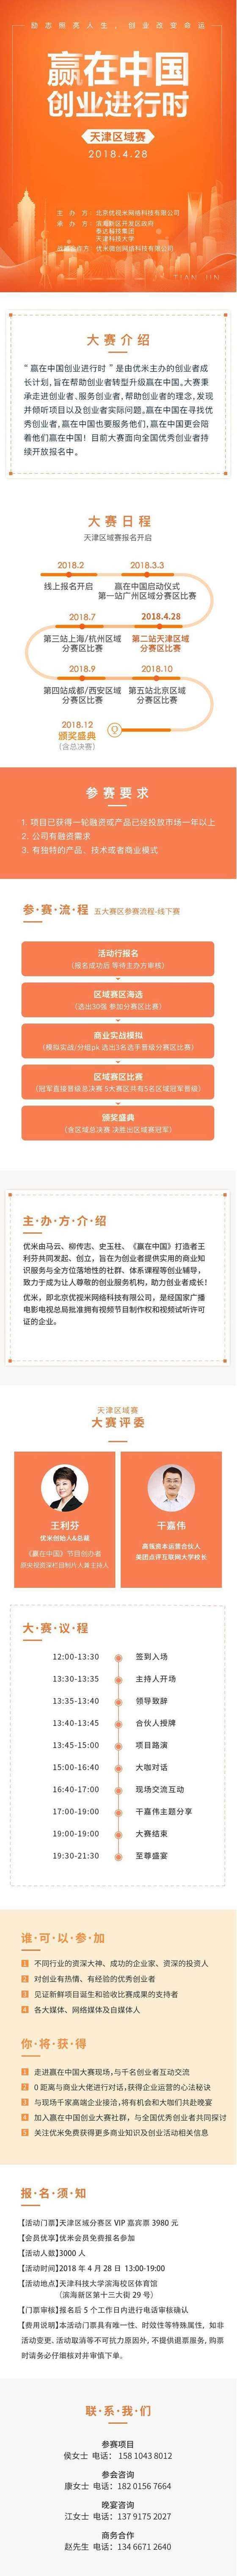 赢在中国-天津站4.16_03.png